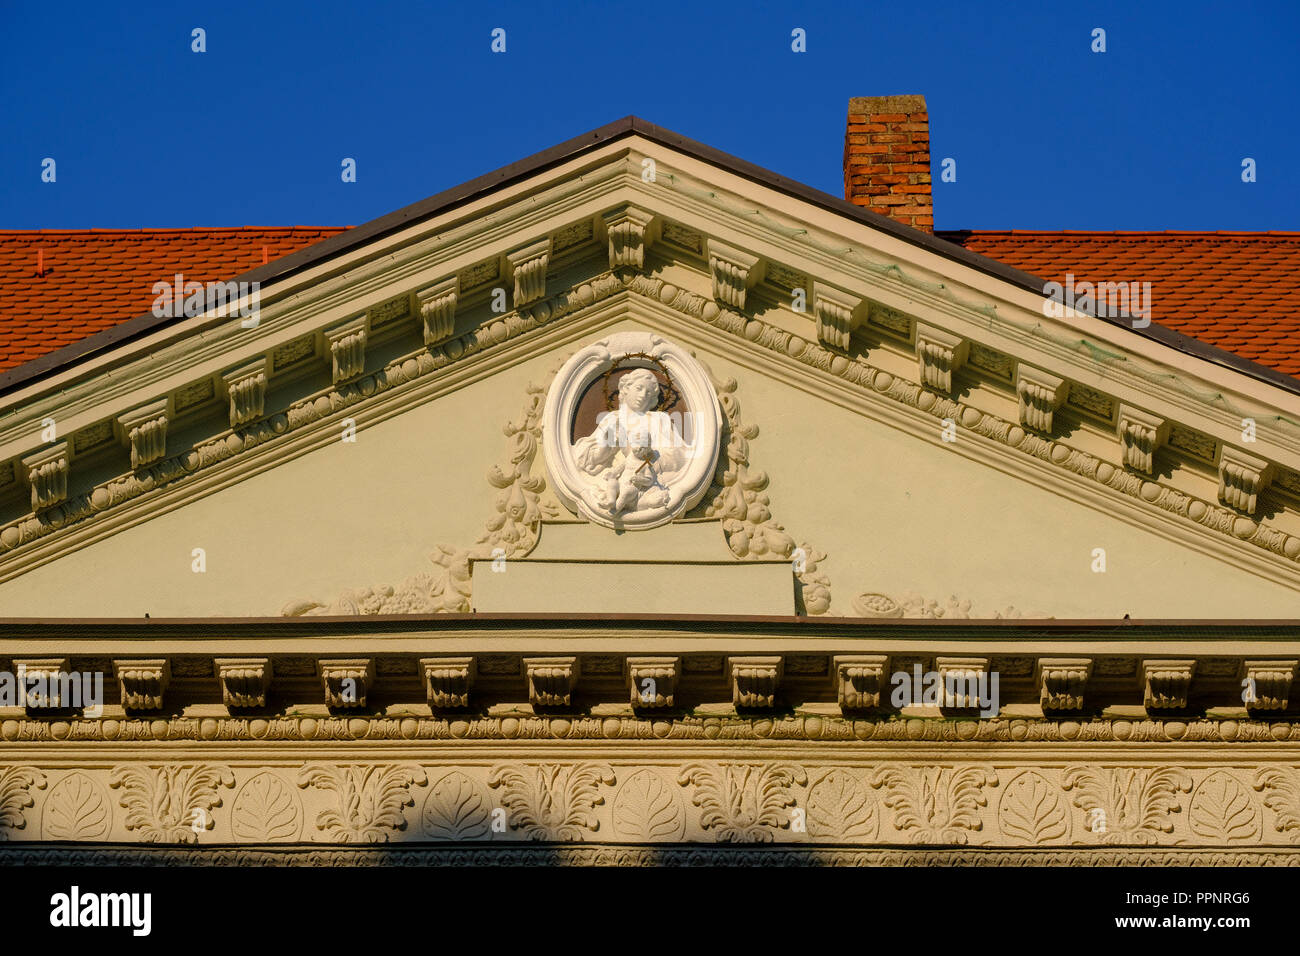 Aus dem Welserhaus, Fuggerplatz, augsburg, schwaben, bayern, deutschland Detail Stockfoto